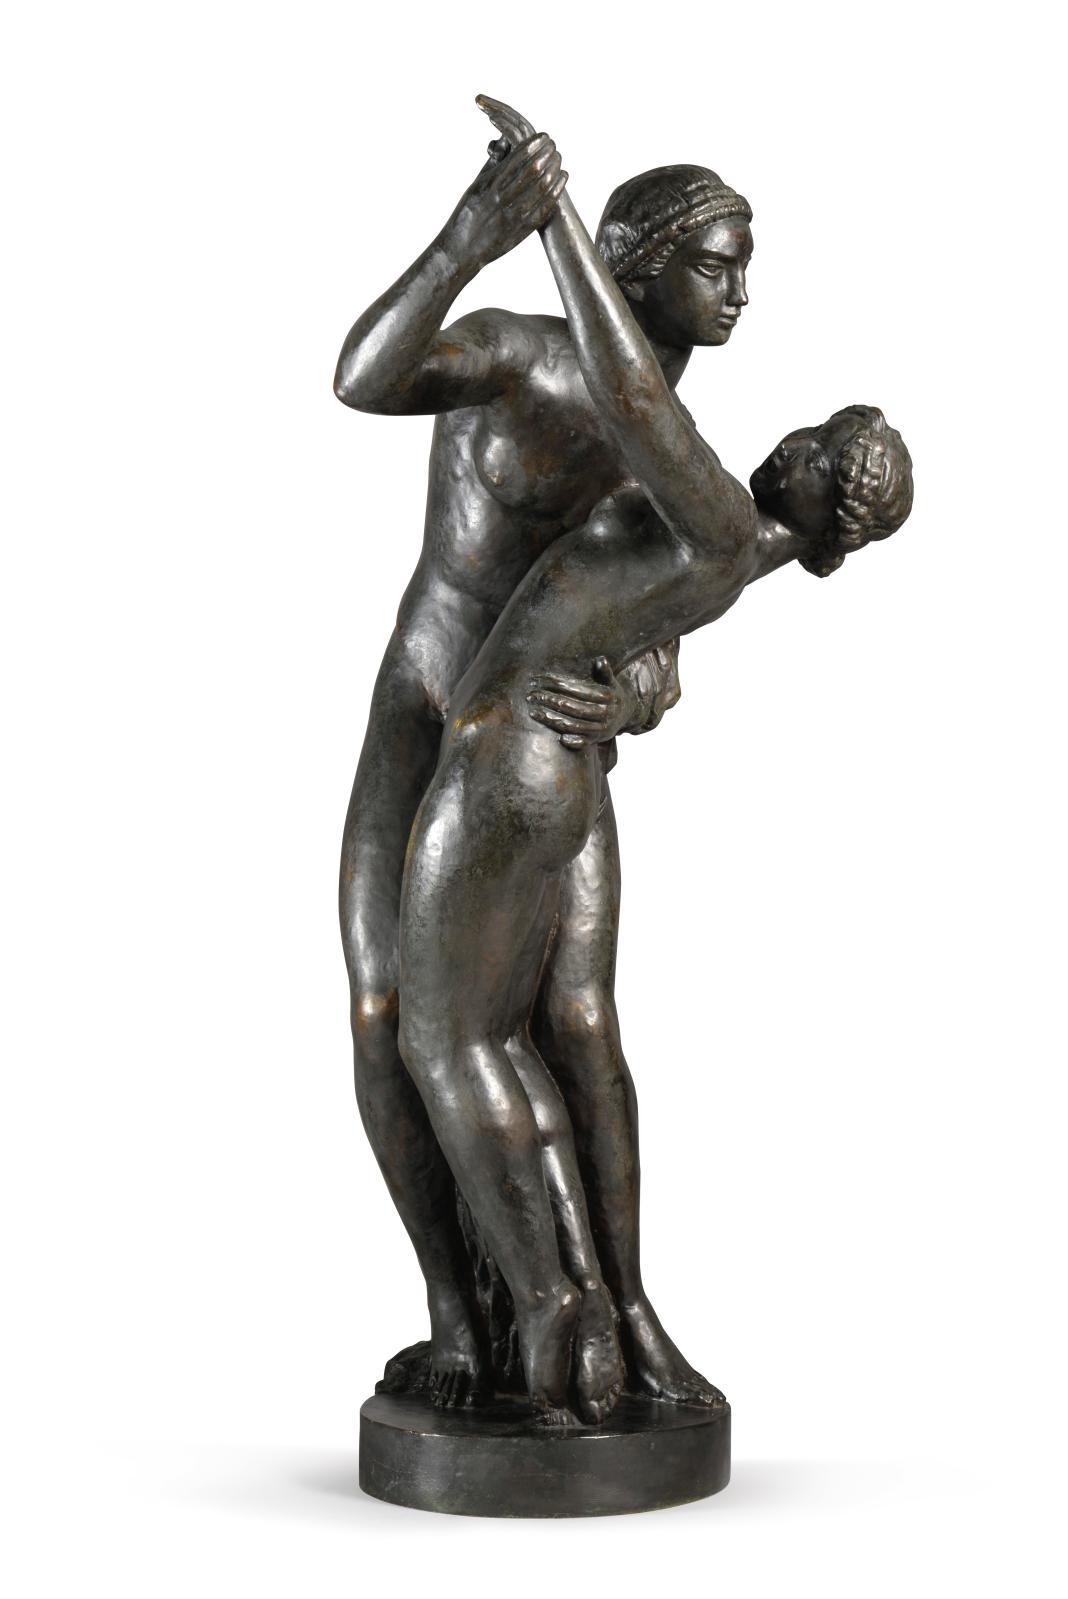 Joseph Bernard (1866-1931), Danseurs, 1927 (Couple dansant, second état), bronze à patine noire richement nuancée, tirage d'artiste signé «J. Bernard»